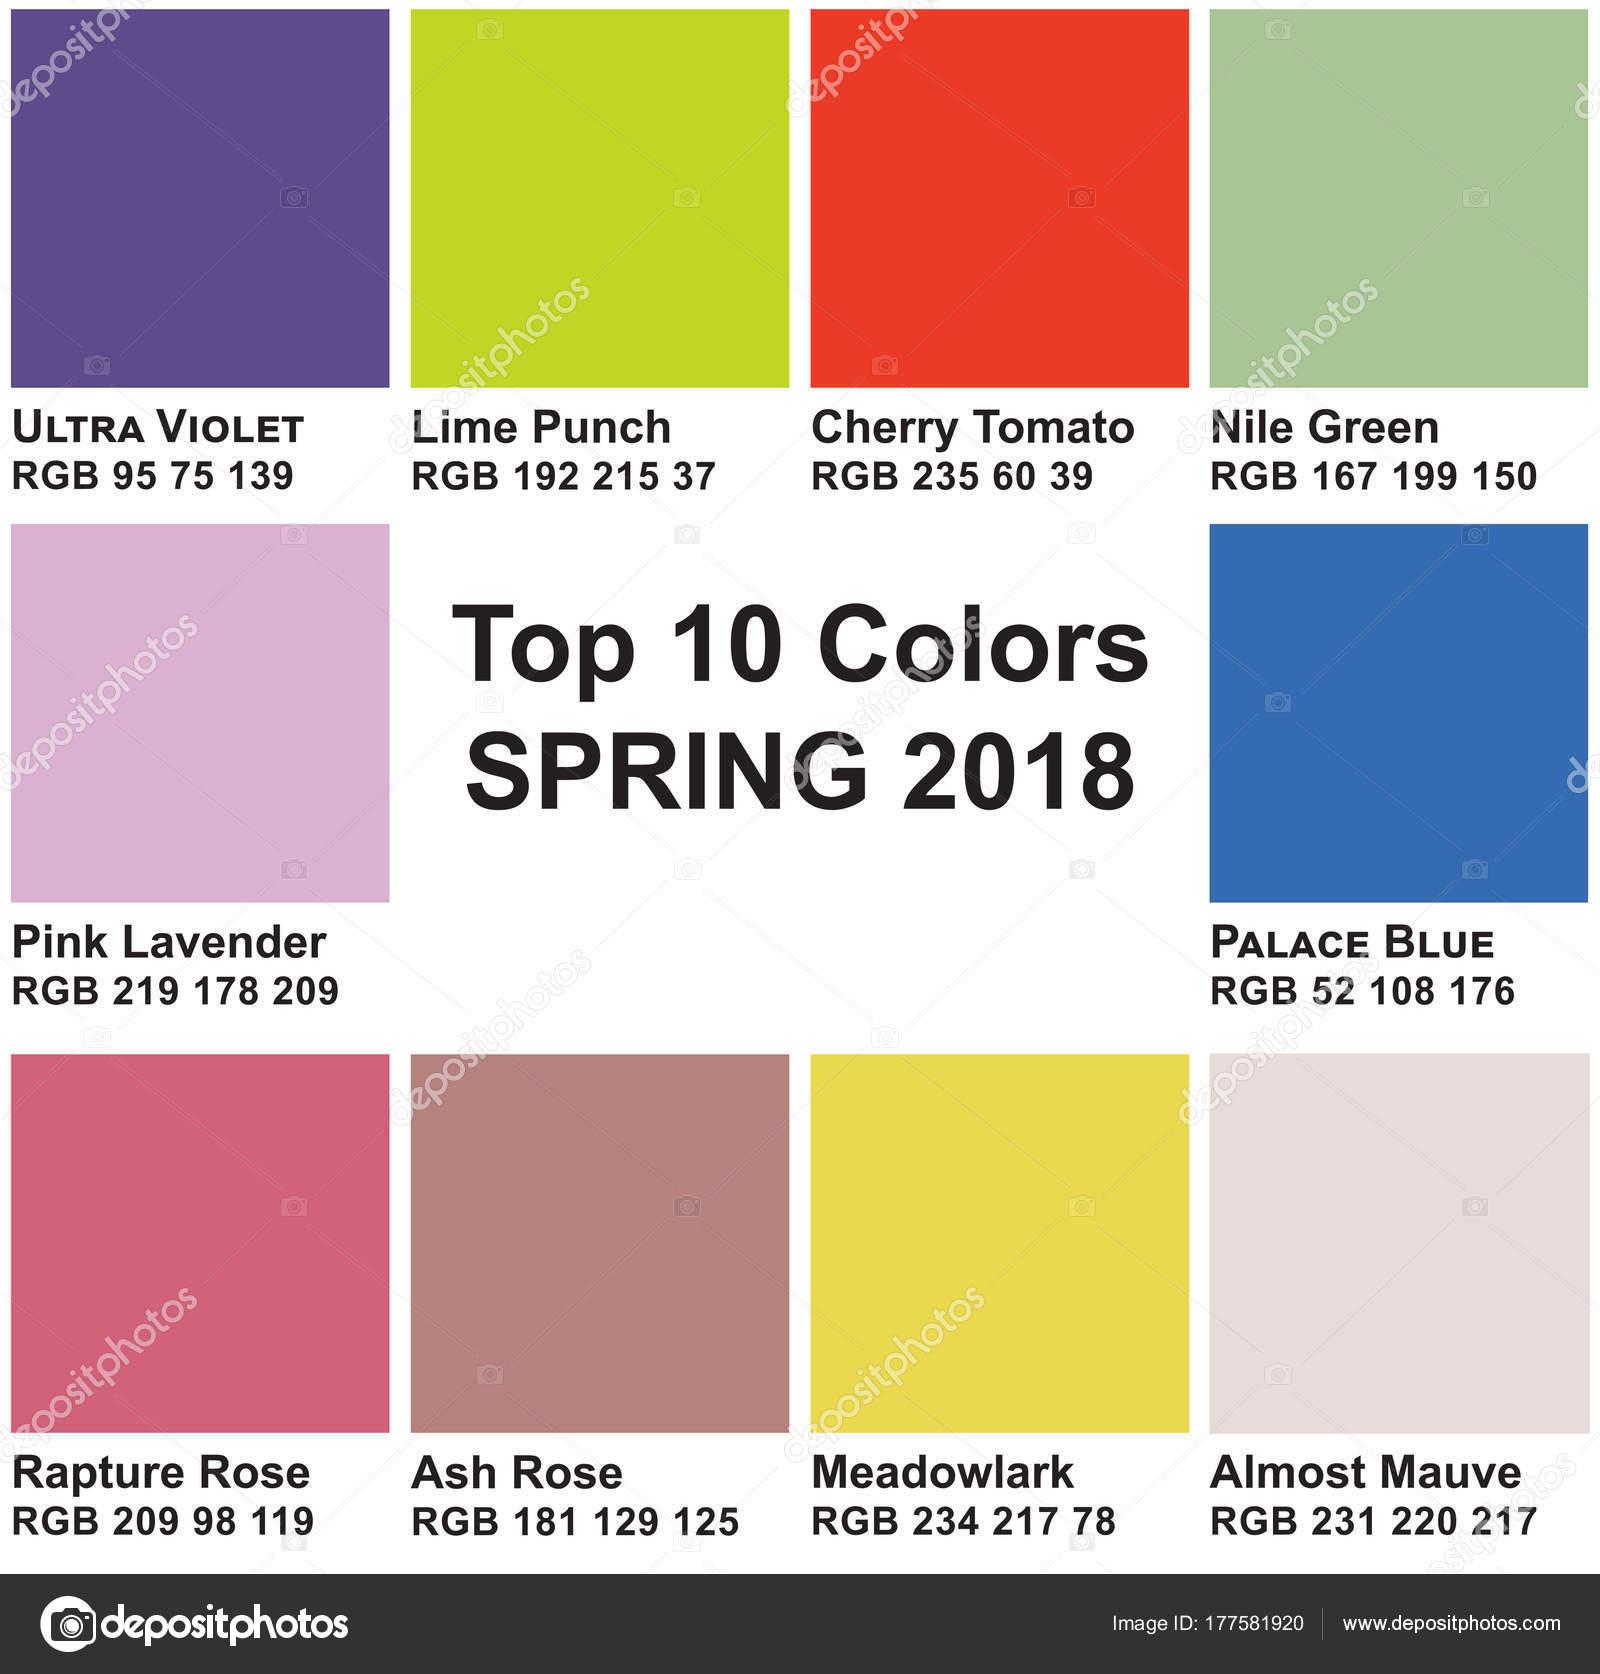 Top 10 colores primavera 2018 colores de moda de una for Popular colors 2016